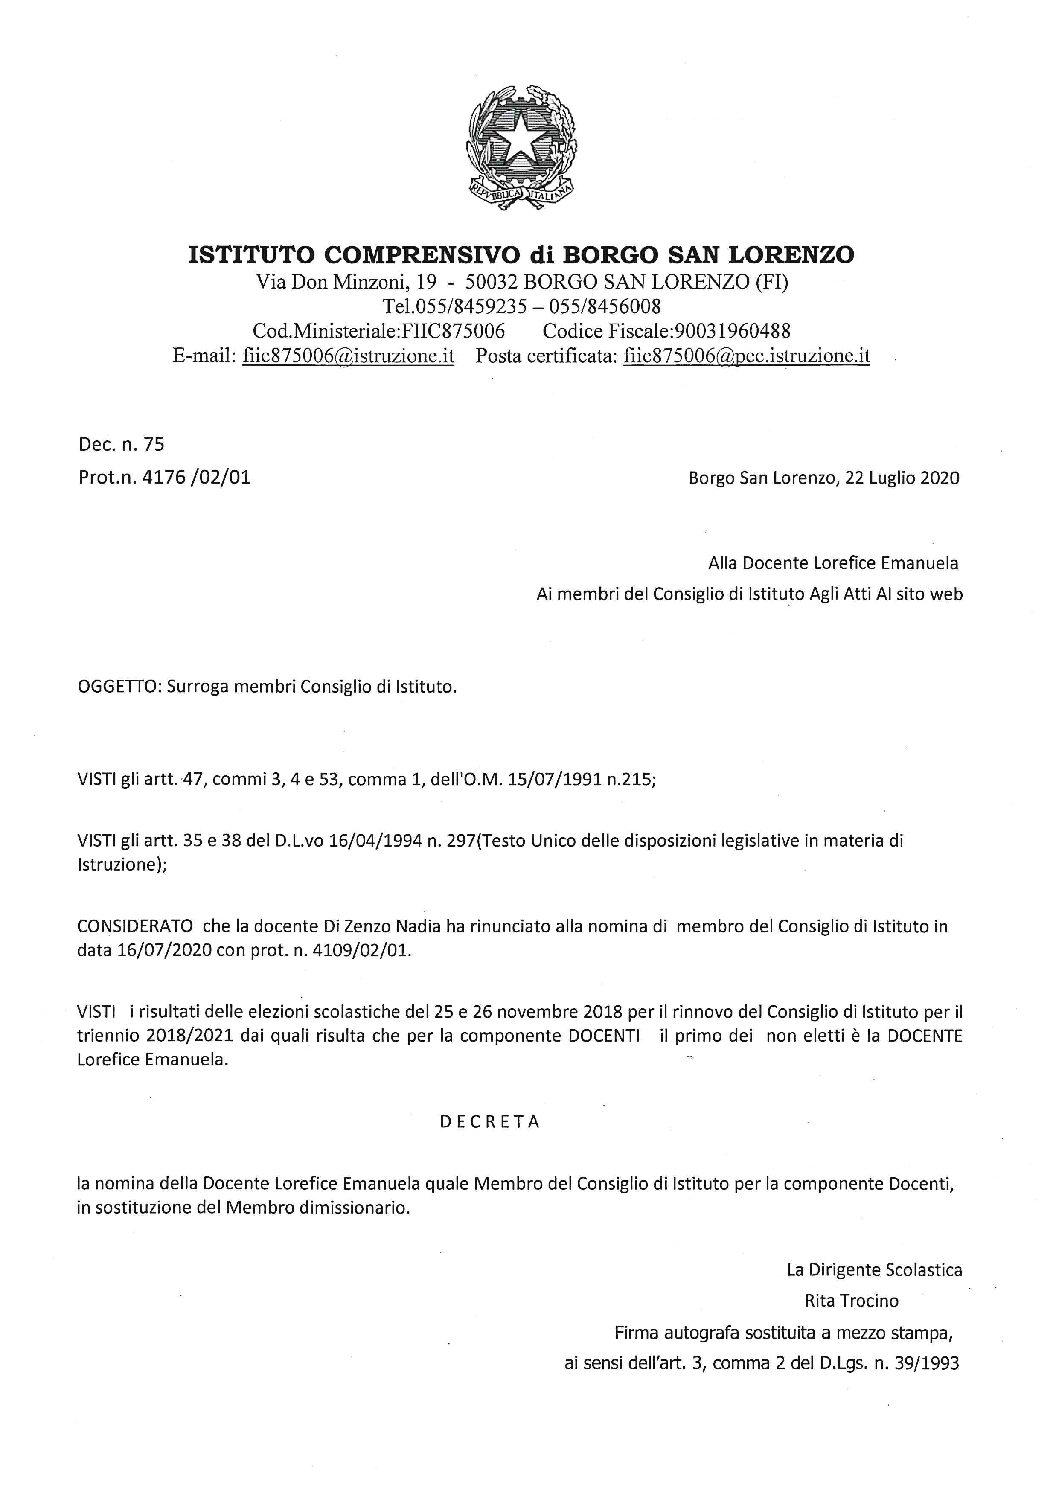 SURROGA MEMBRO CONSIGLIO DI ISTITUTO